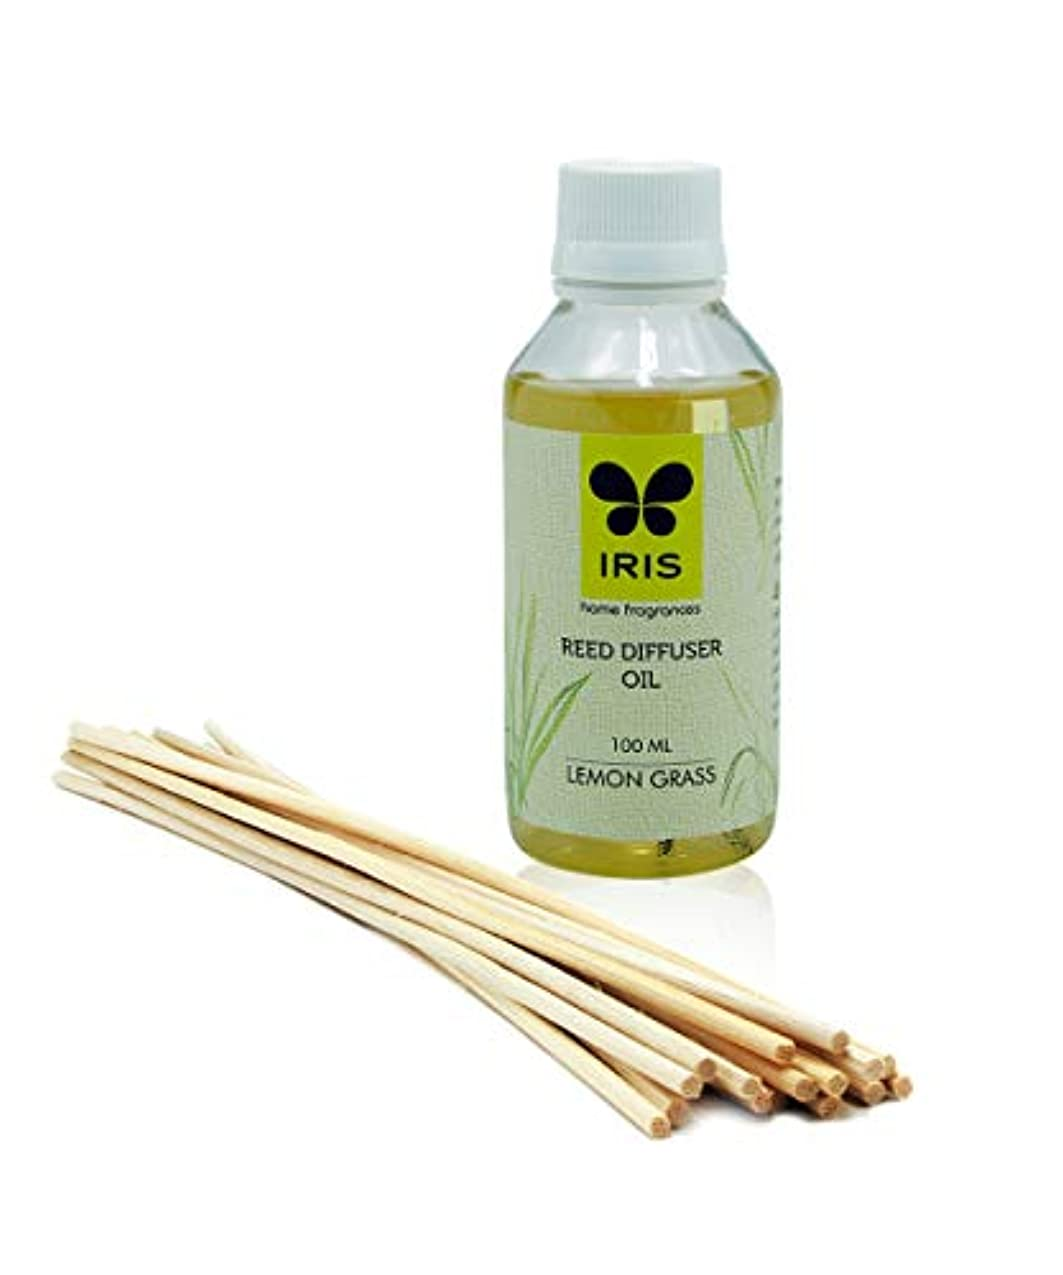 マカダム食物折Iris Reed Diffuser Refill Pack Lemon Grass Fragrance標準